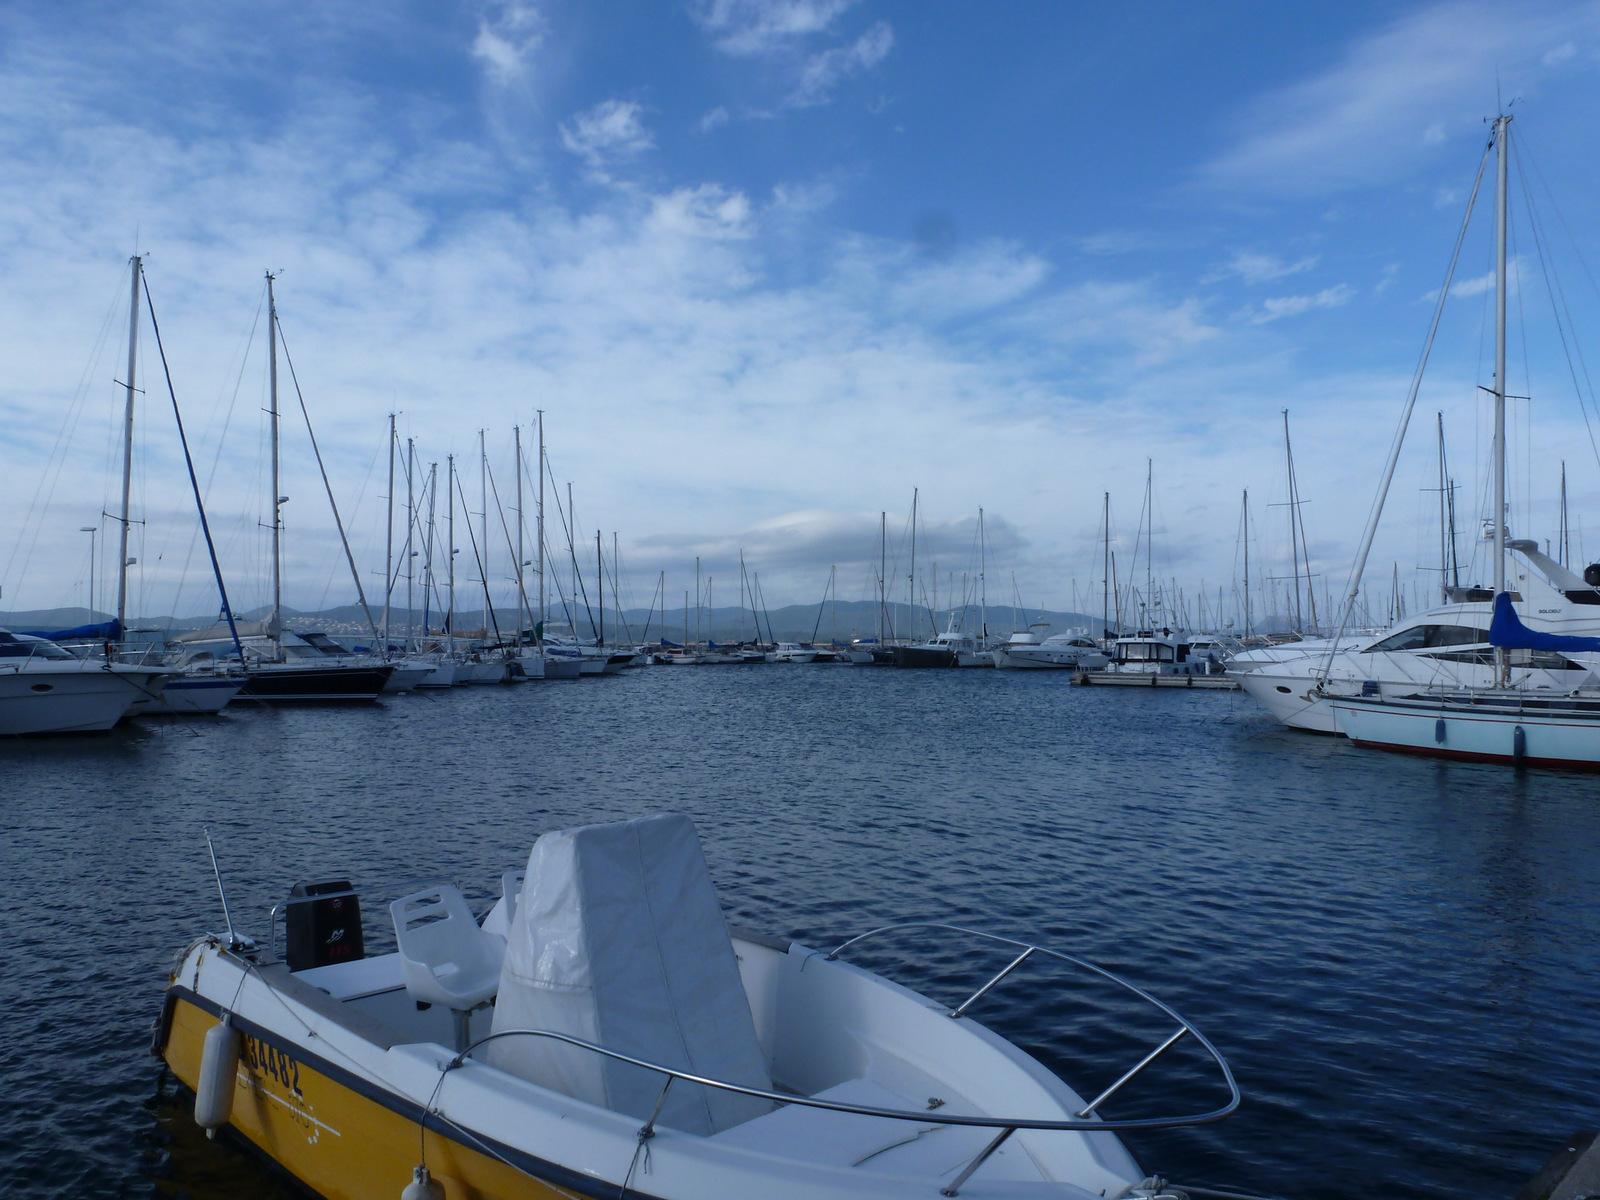 arrivée au port de Santa Lucia à Saint Raphaël